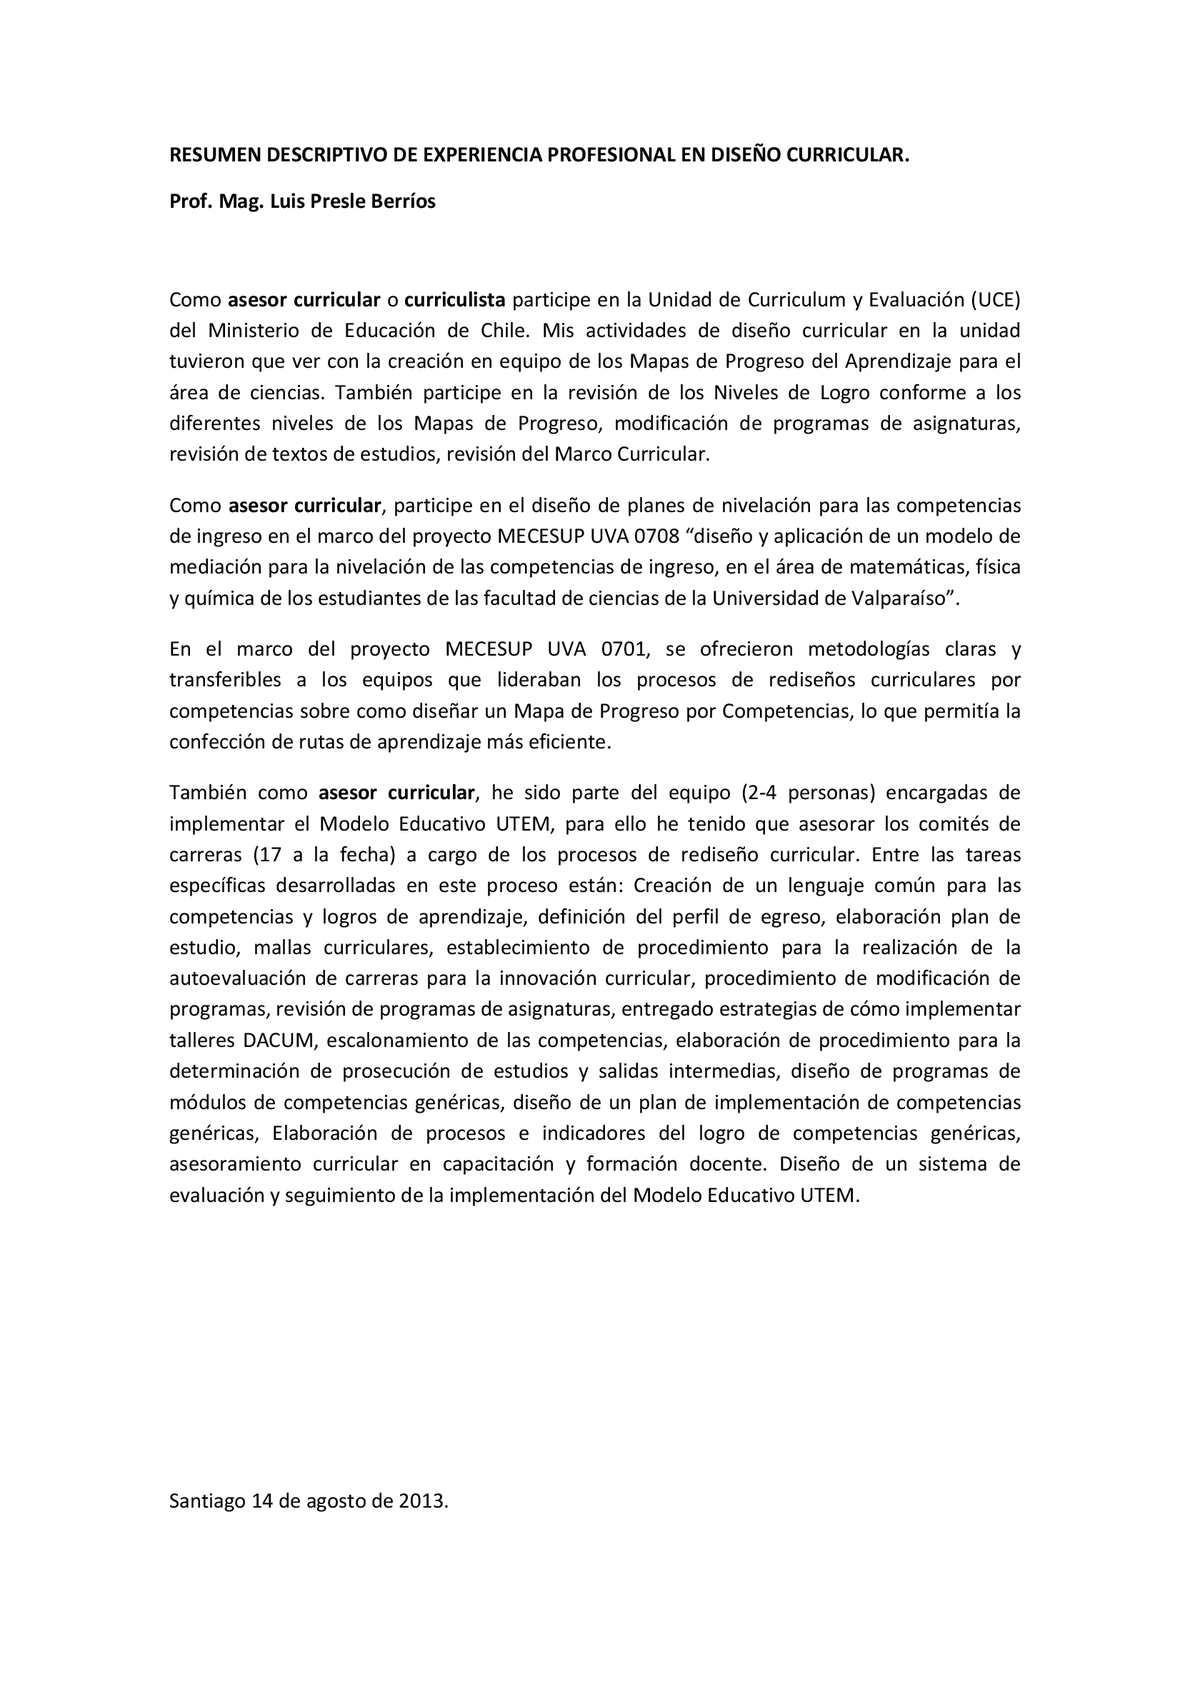 Calaméo - Descriptivo Experiencia Curricular